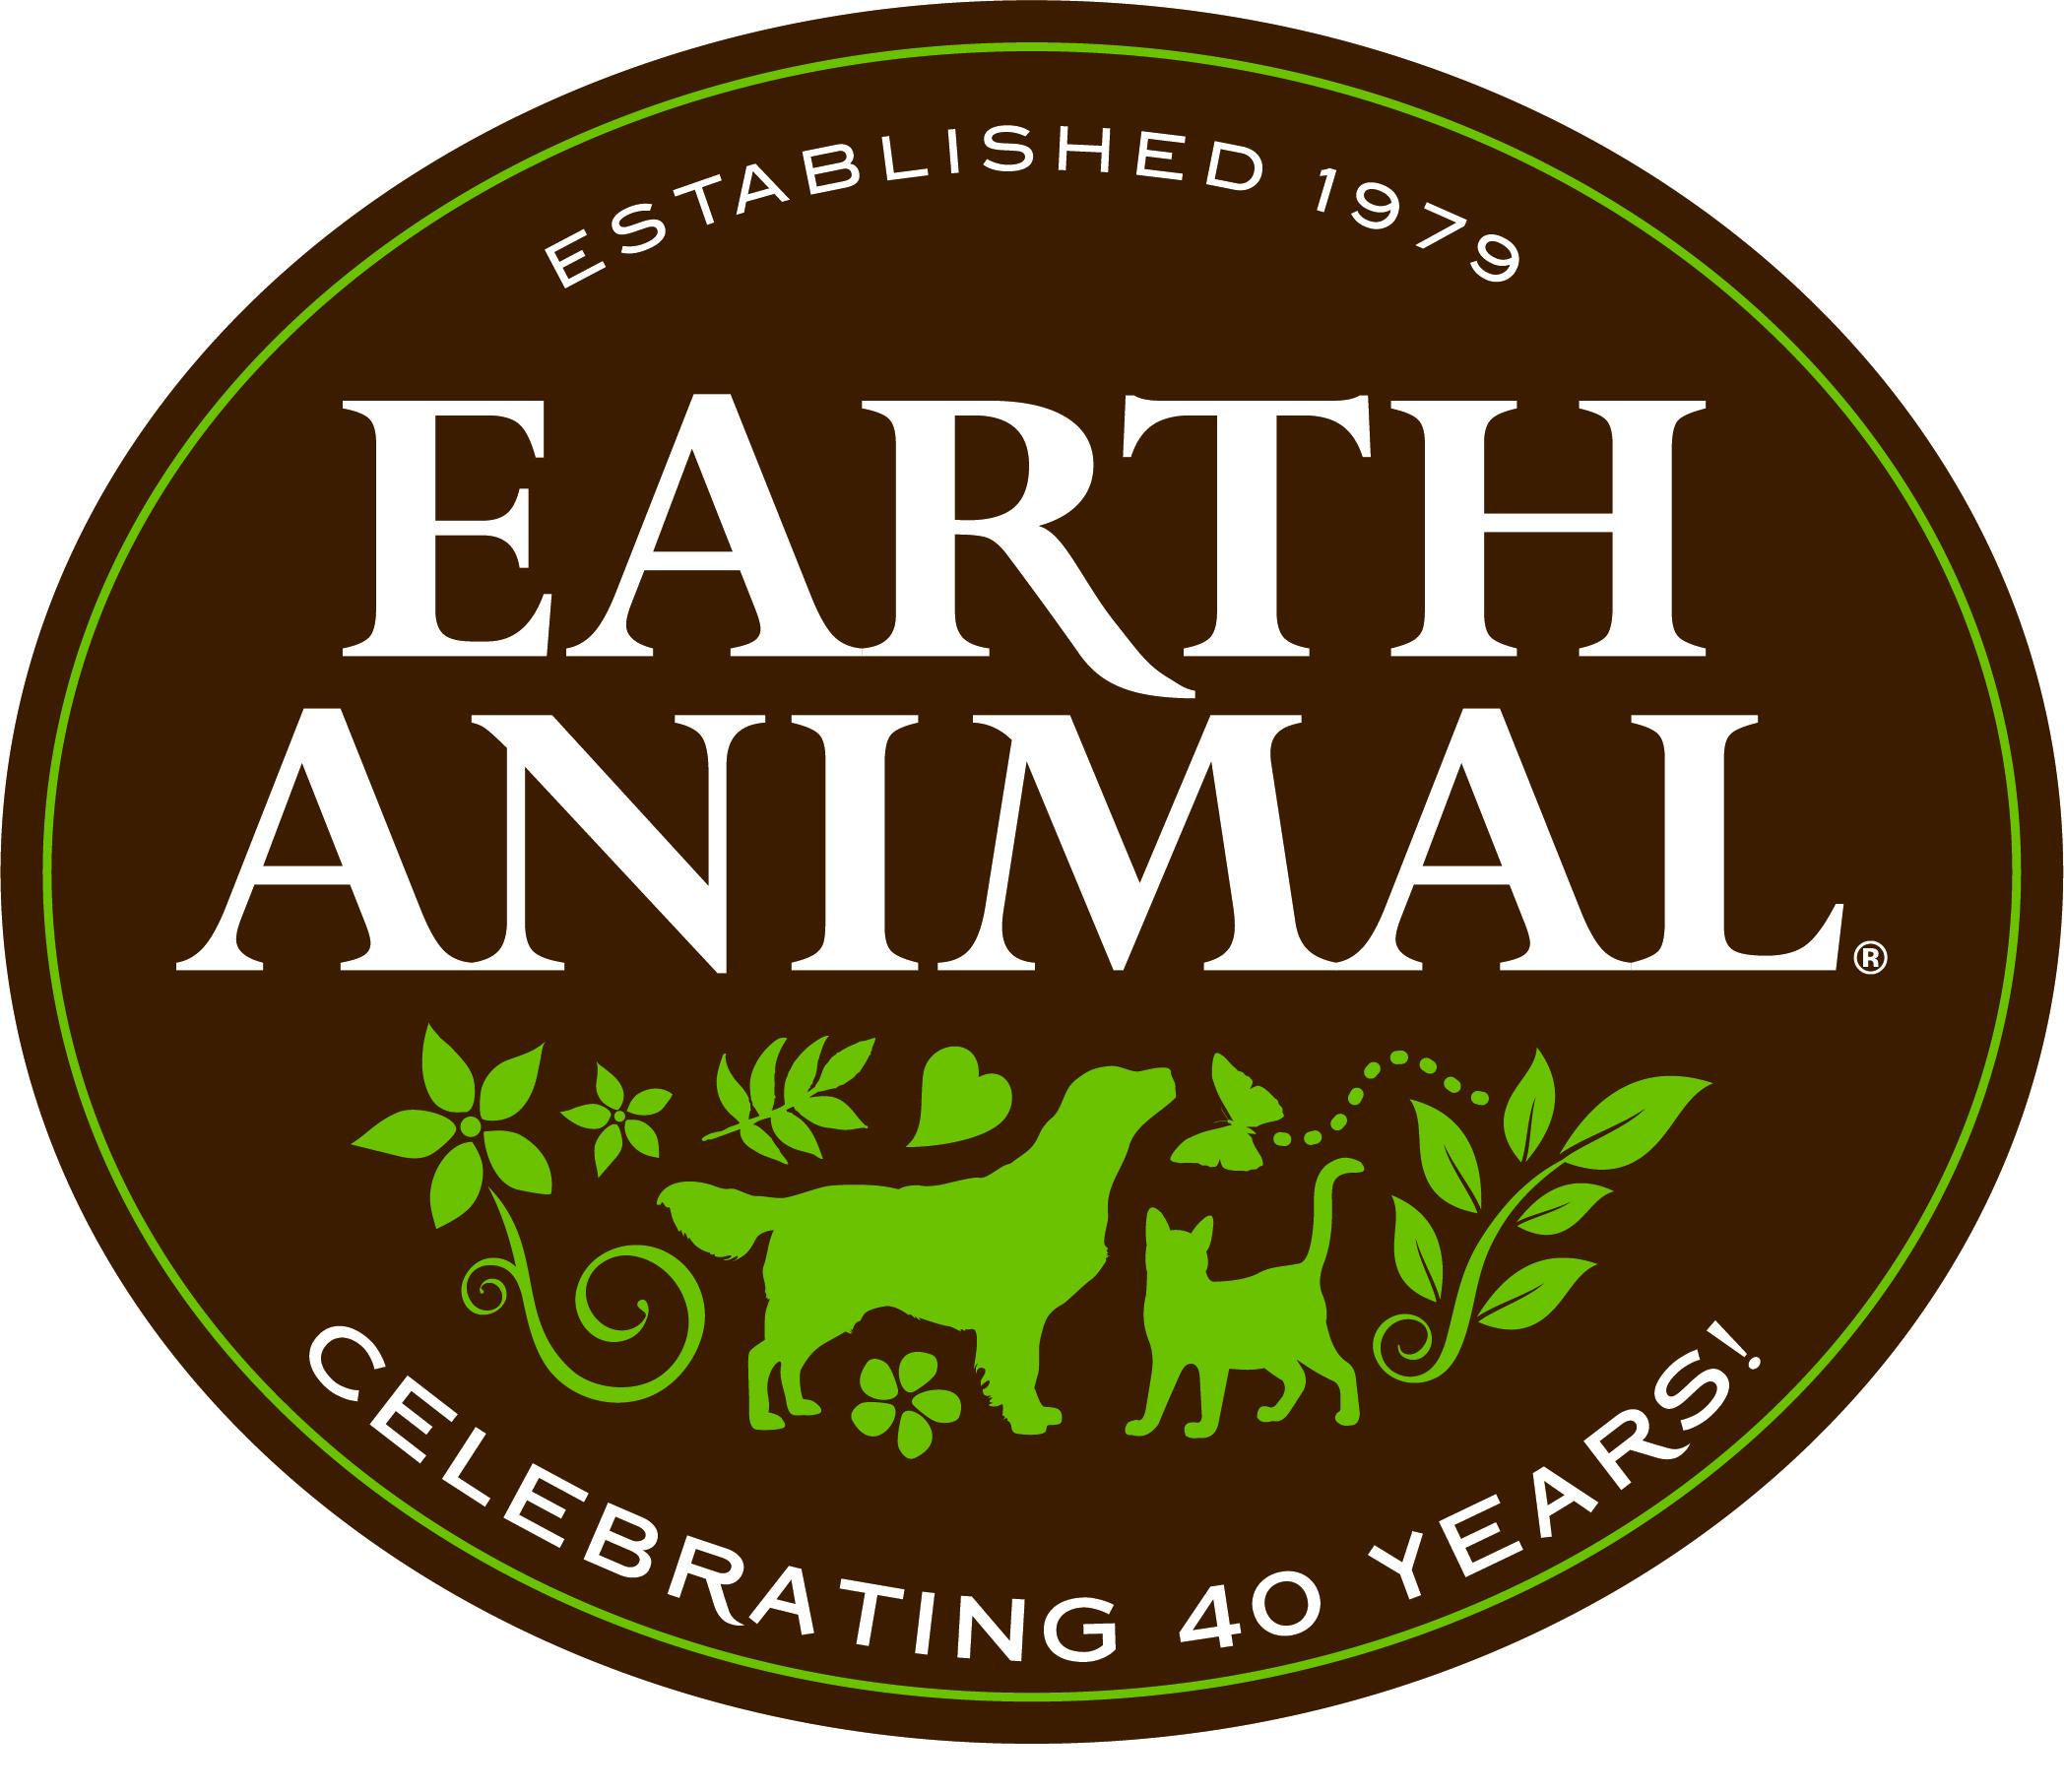 Earth Animal 40 Logo